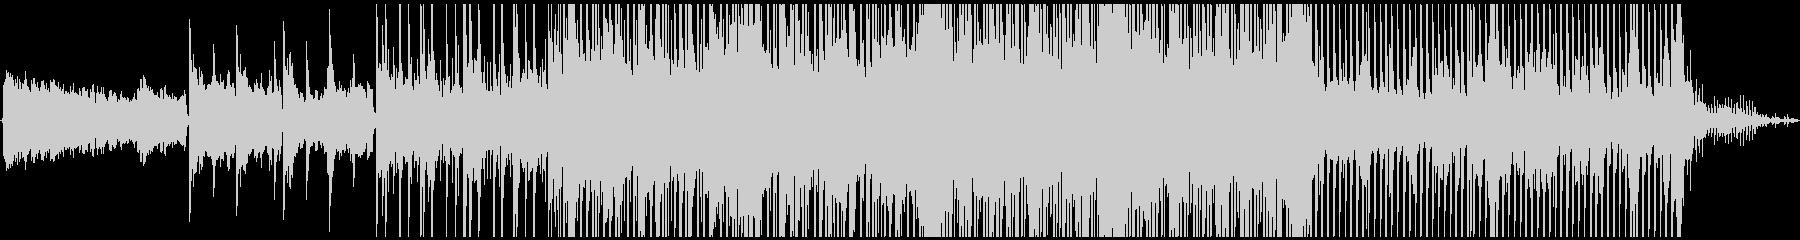 少し湿った空気感のBGMの未再生の波形